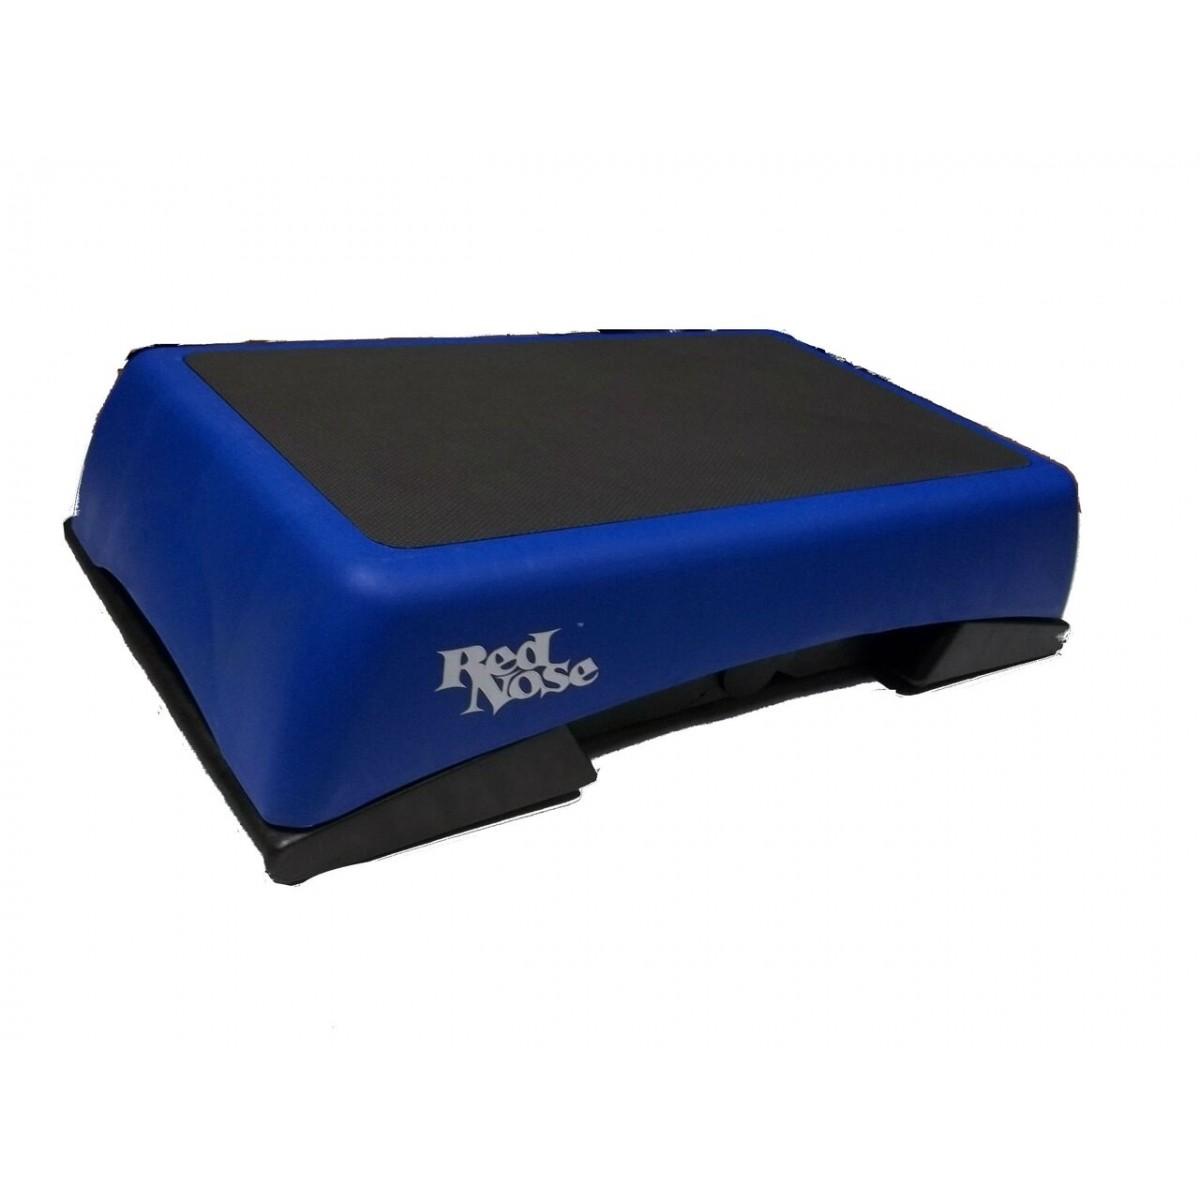 Step academia ginastica aerobico premium azul red nose